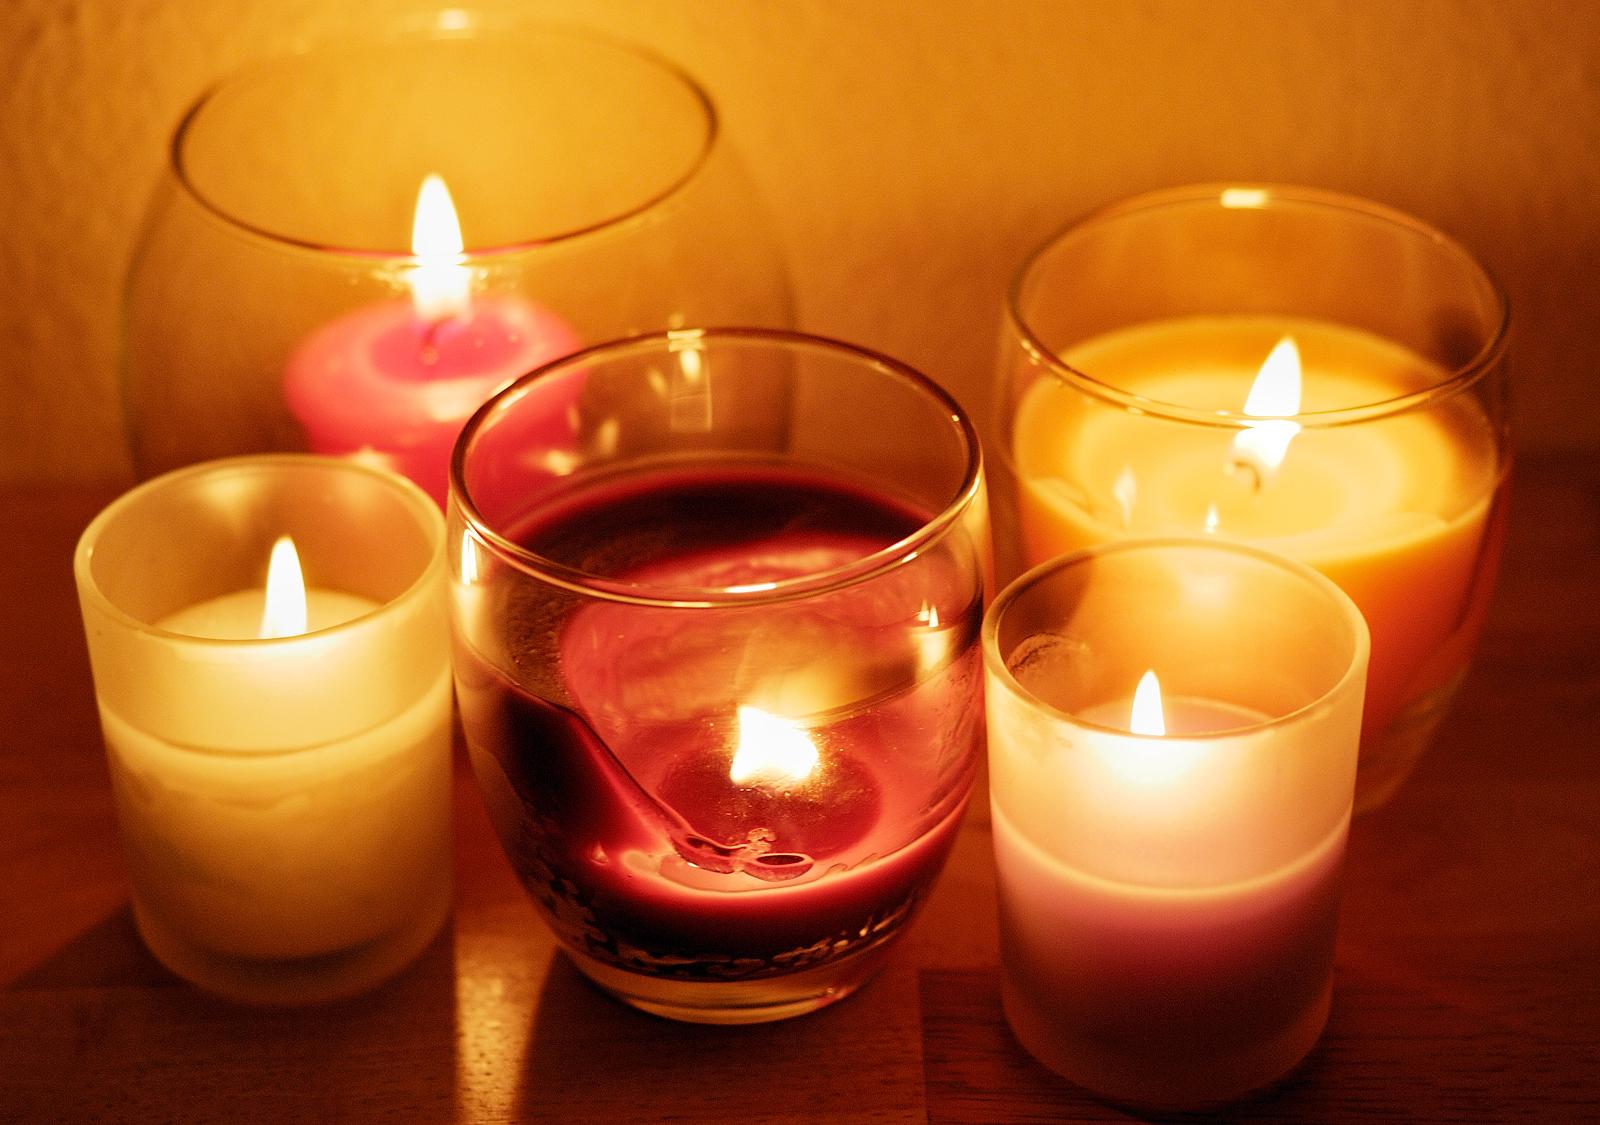 Как сделать арома свечу своими руками